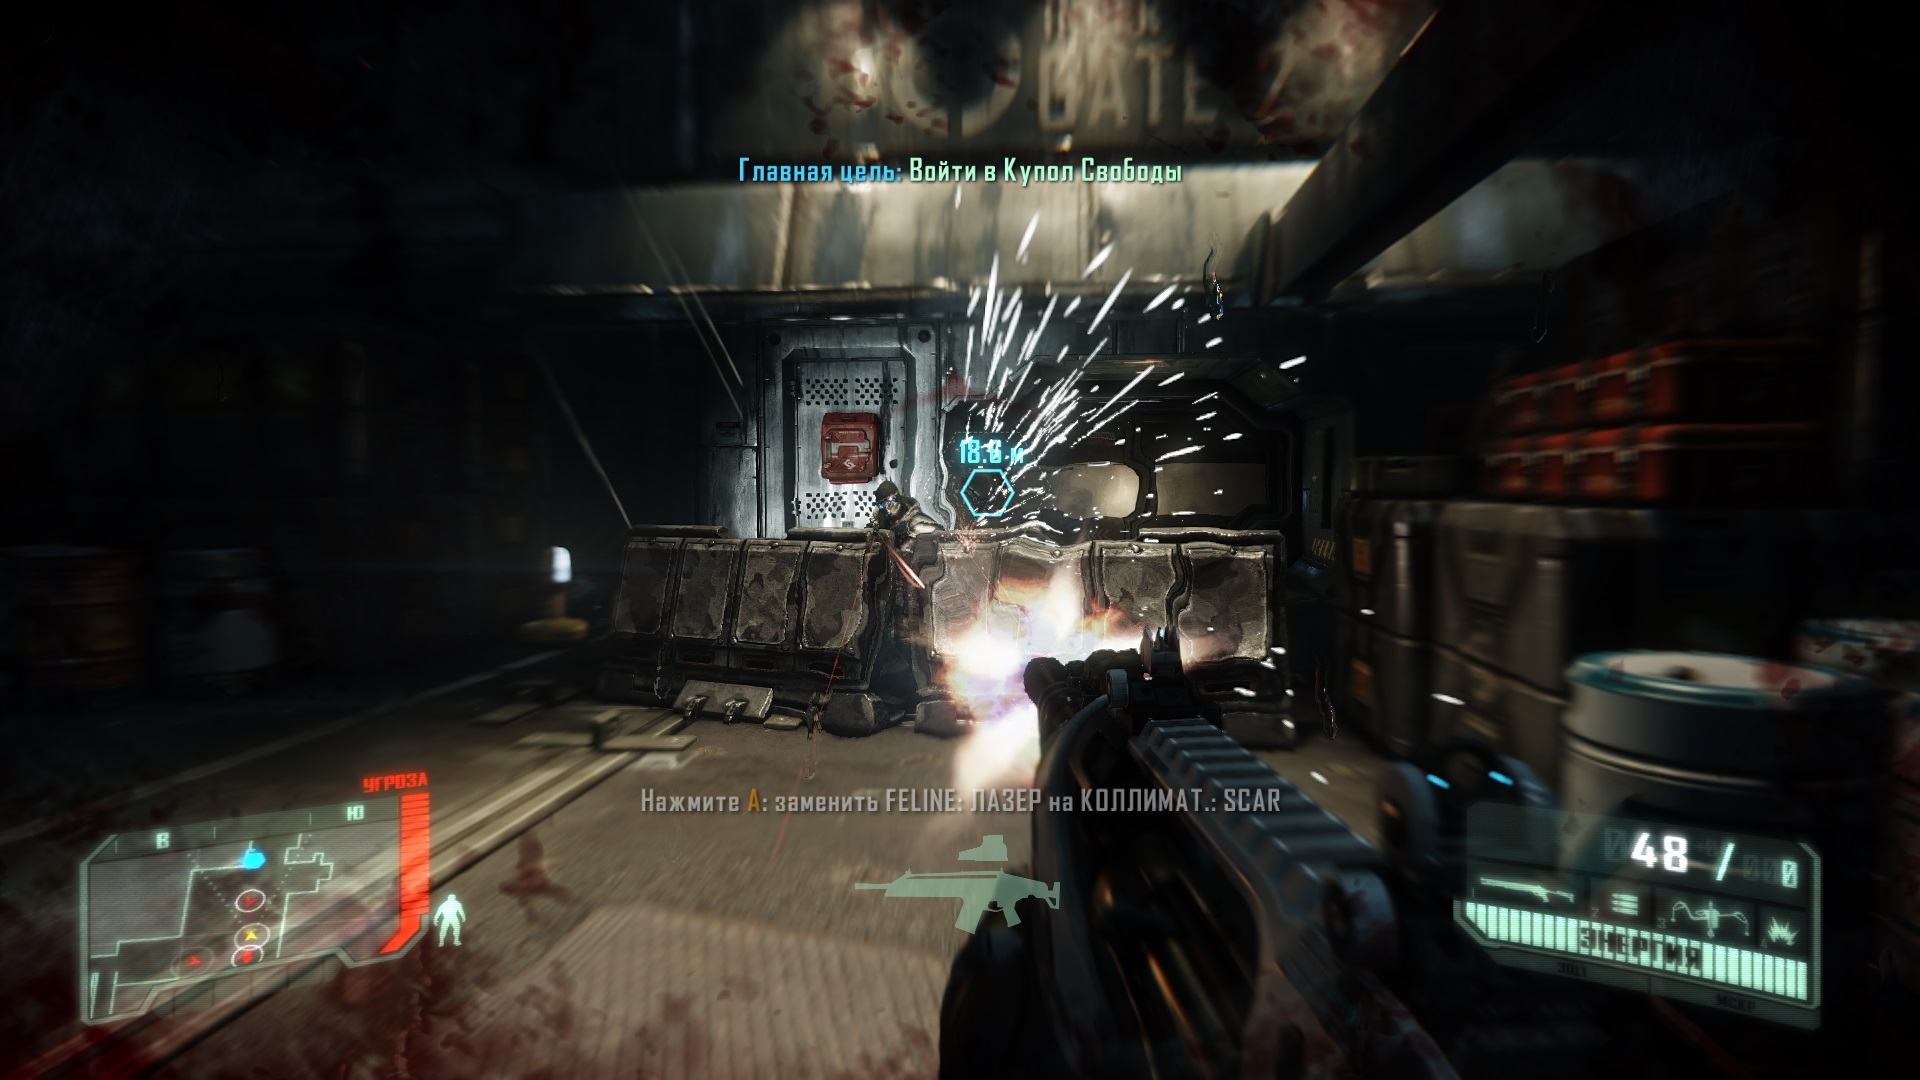 Crysis 3 от RG Механики  Скачать через торрент русскую